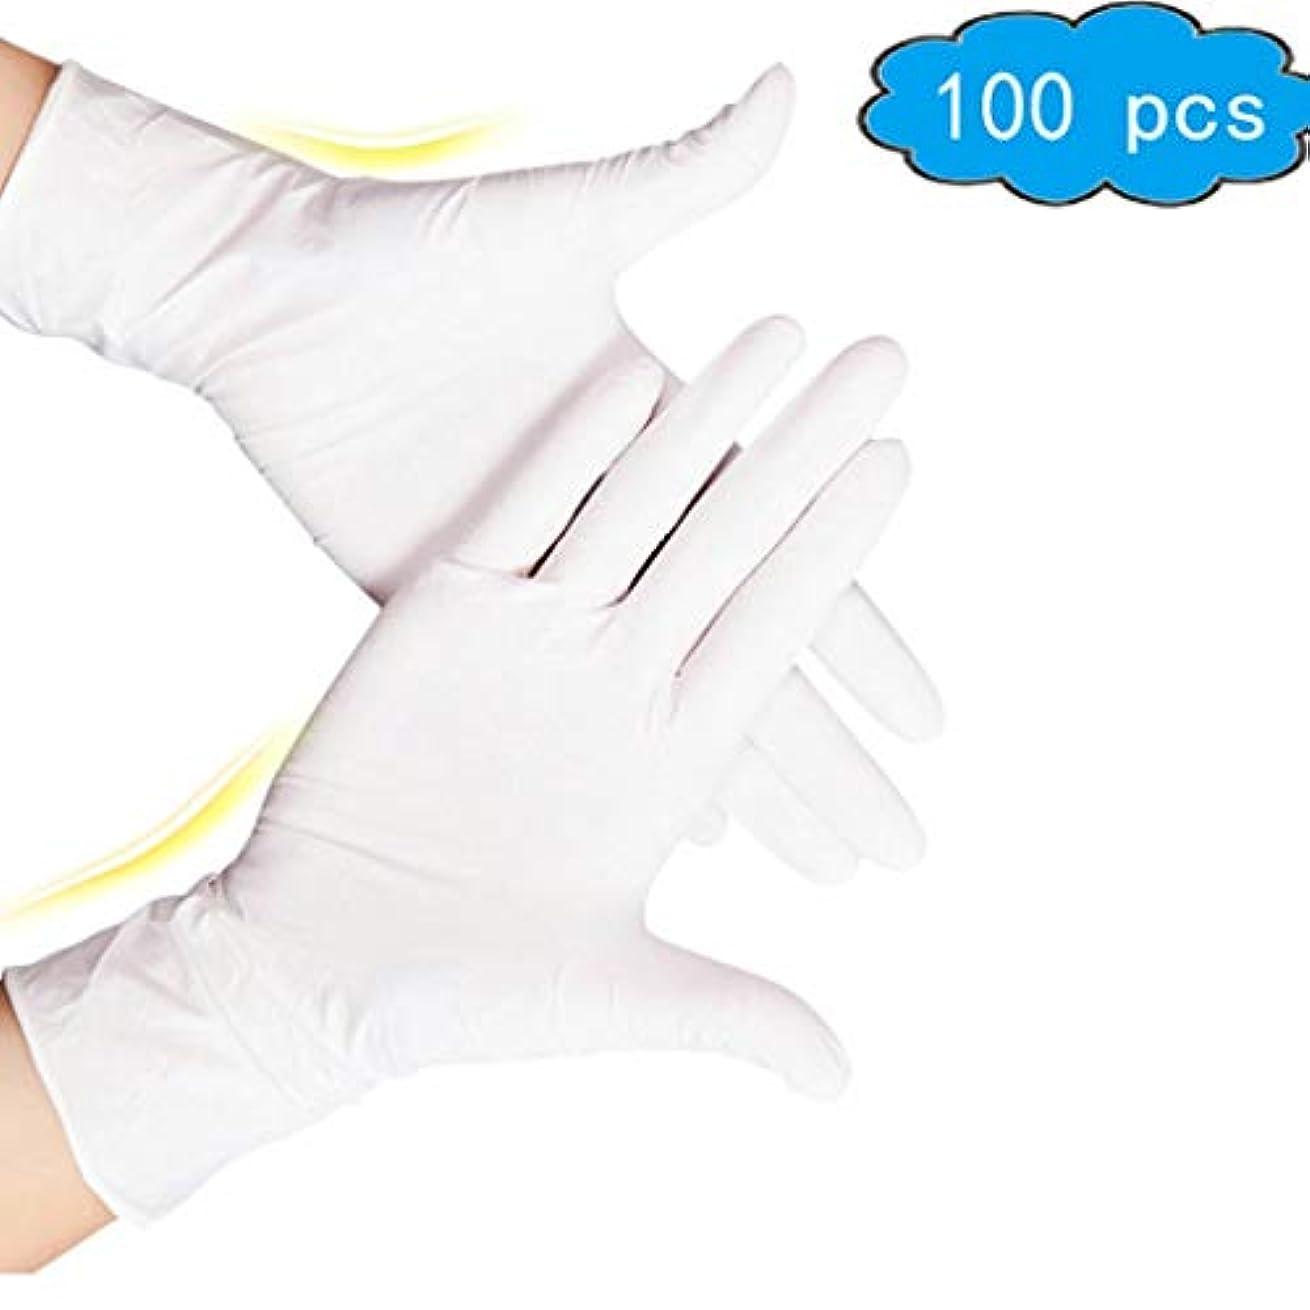 有害なミトンホラーホワイトニトリル使い捨て手袋 - 質感、検査、パウダーフリー、極厚5ミル、極太12